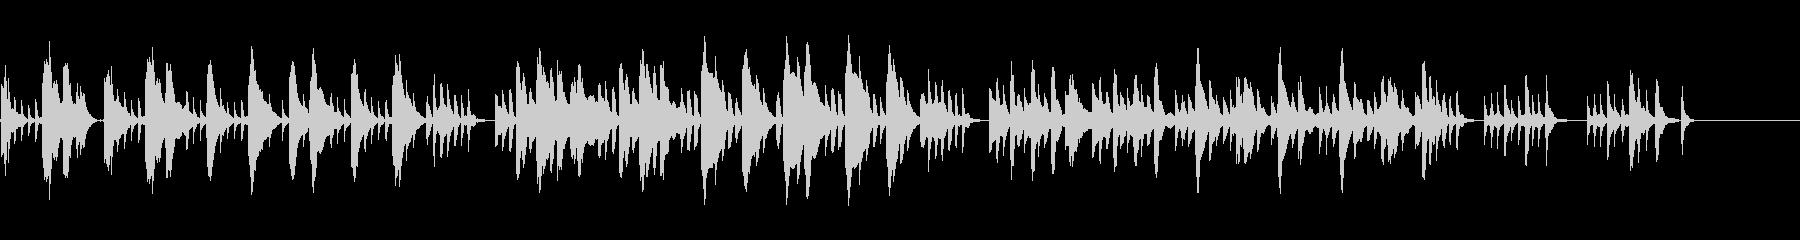 ブルターニュに伝わる歌のハープ曲の未再生の波形